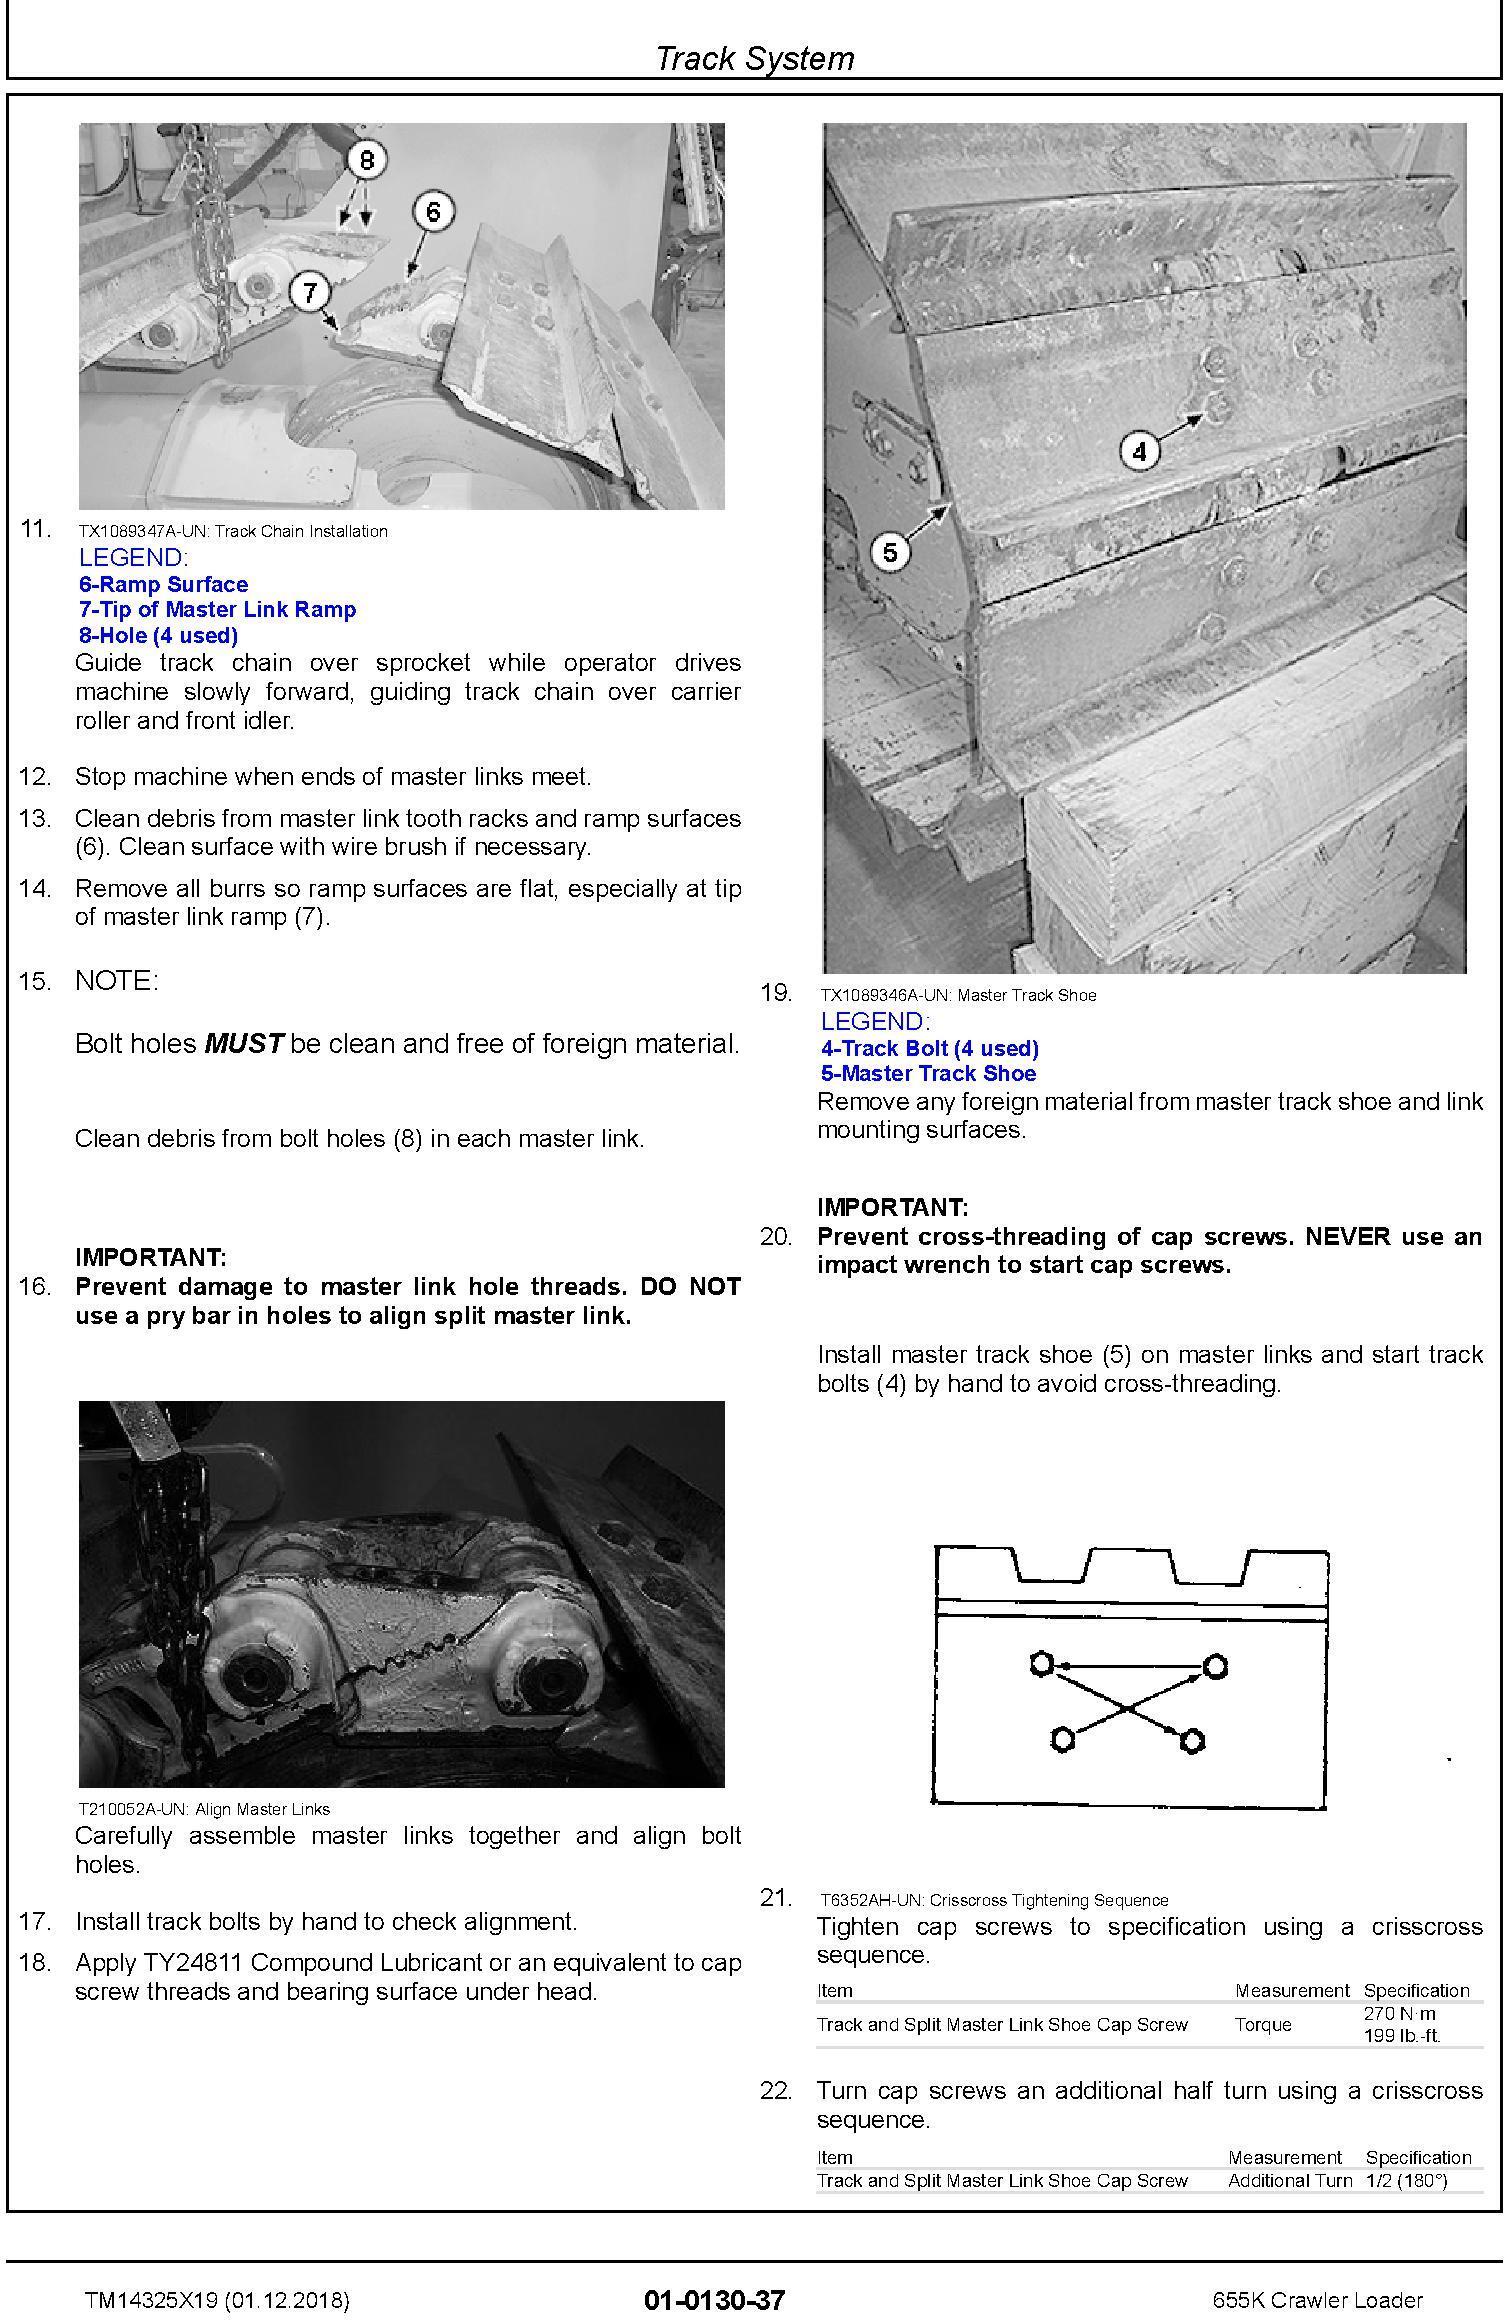 John Deere 655K Crawler Loader Repair Technical Manual (TM14325X19) - 2